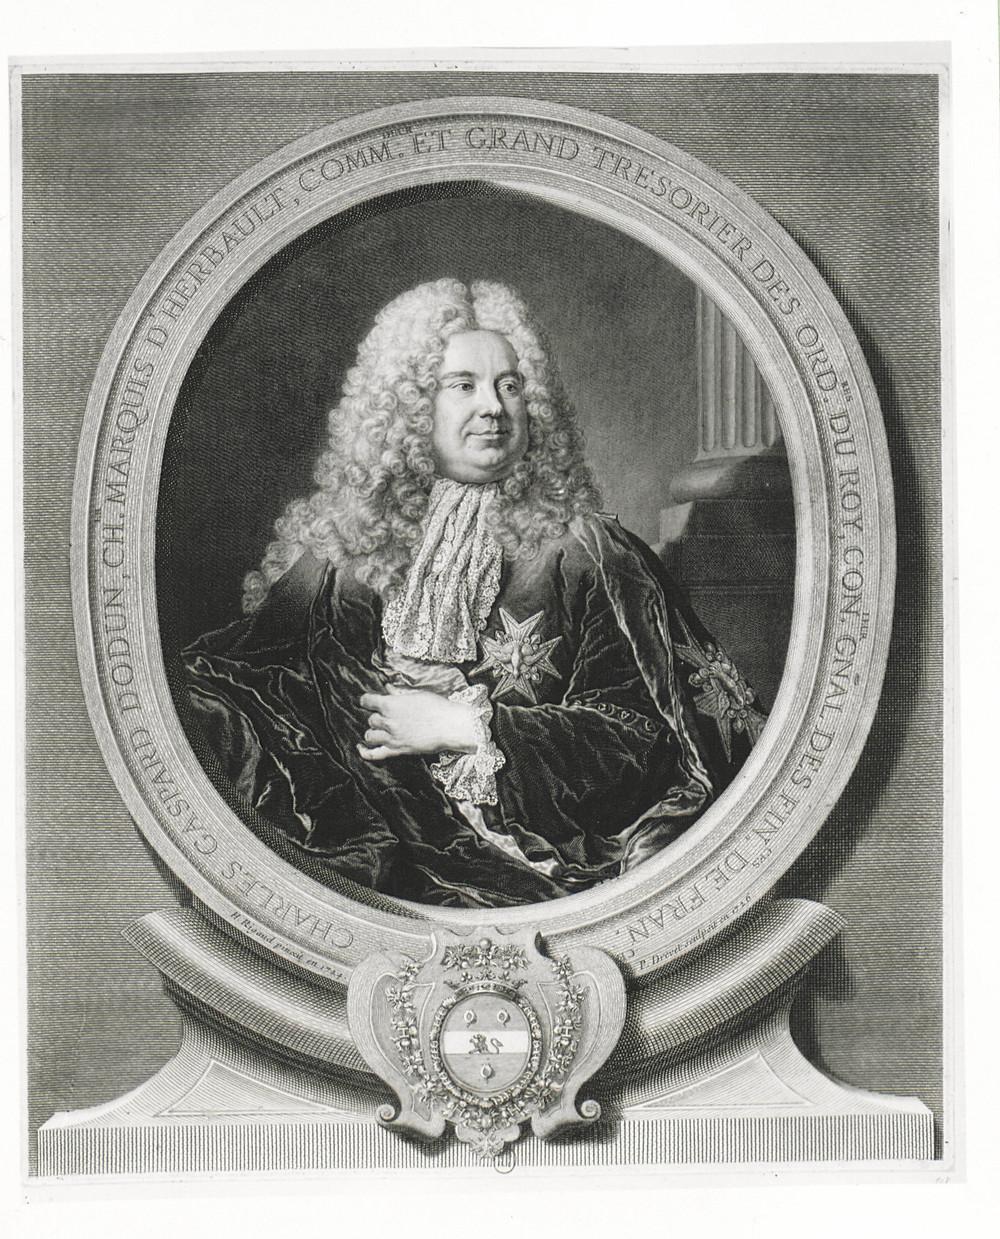 Pierre Drevet et Pierre Imbert Drevet d'après Hyacinthe Rigaud, Portrait de Charles Gaspard Dodun, marquis d'Herbault, 1726, Paris, BnF, département des Estampes et de la photographie, inv.Da. 63 fol. 170